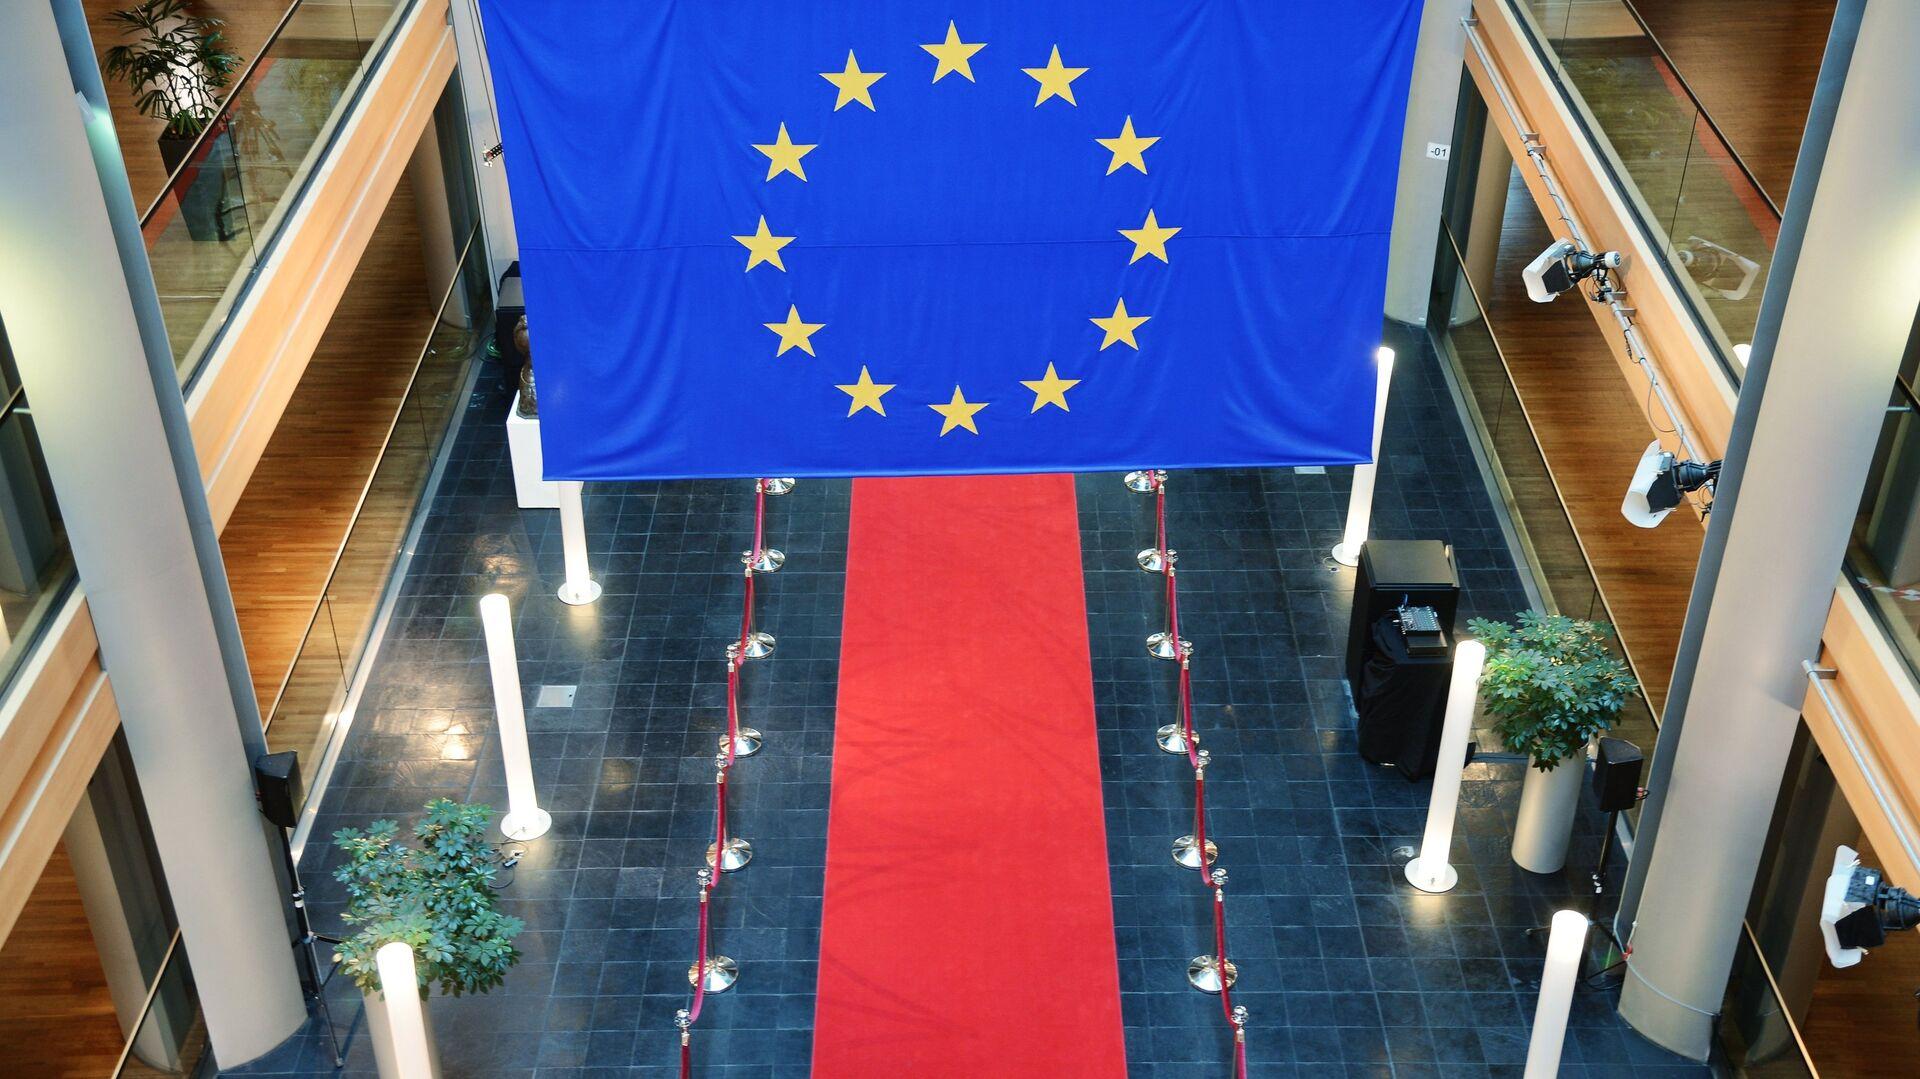 Bandiera dell'Unione Europea - Sputnik Italia, 1920, 02.09.2021